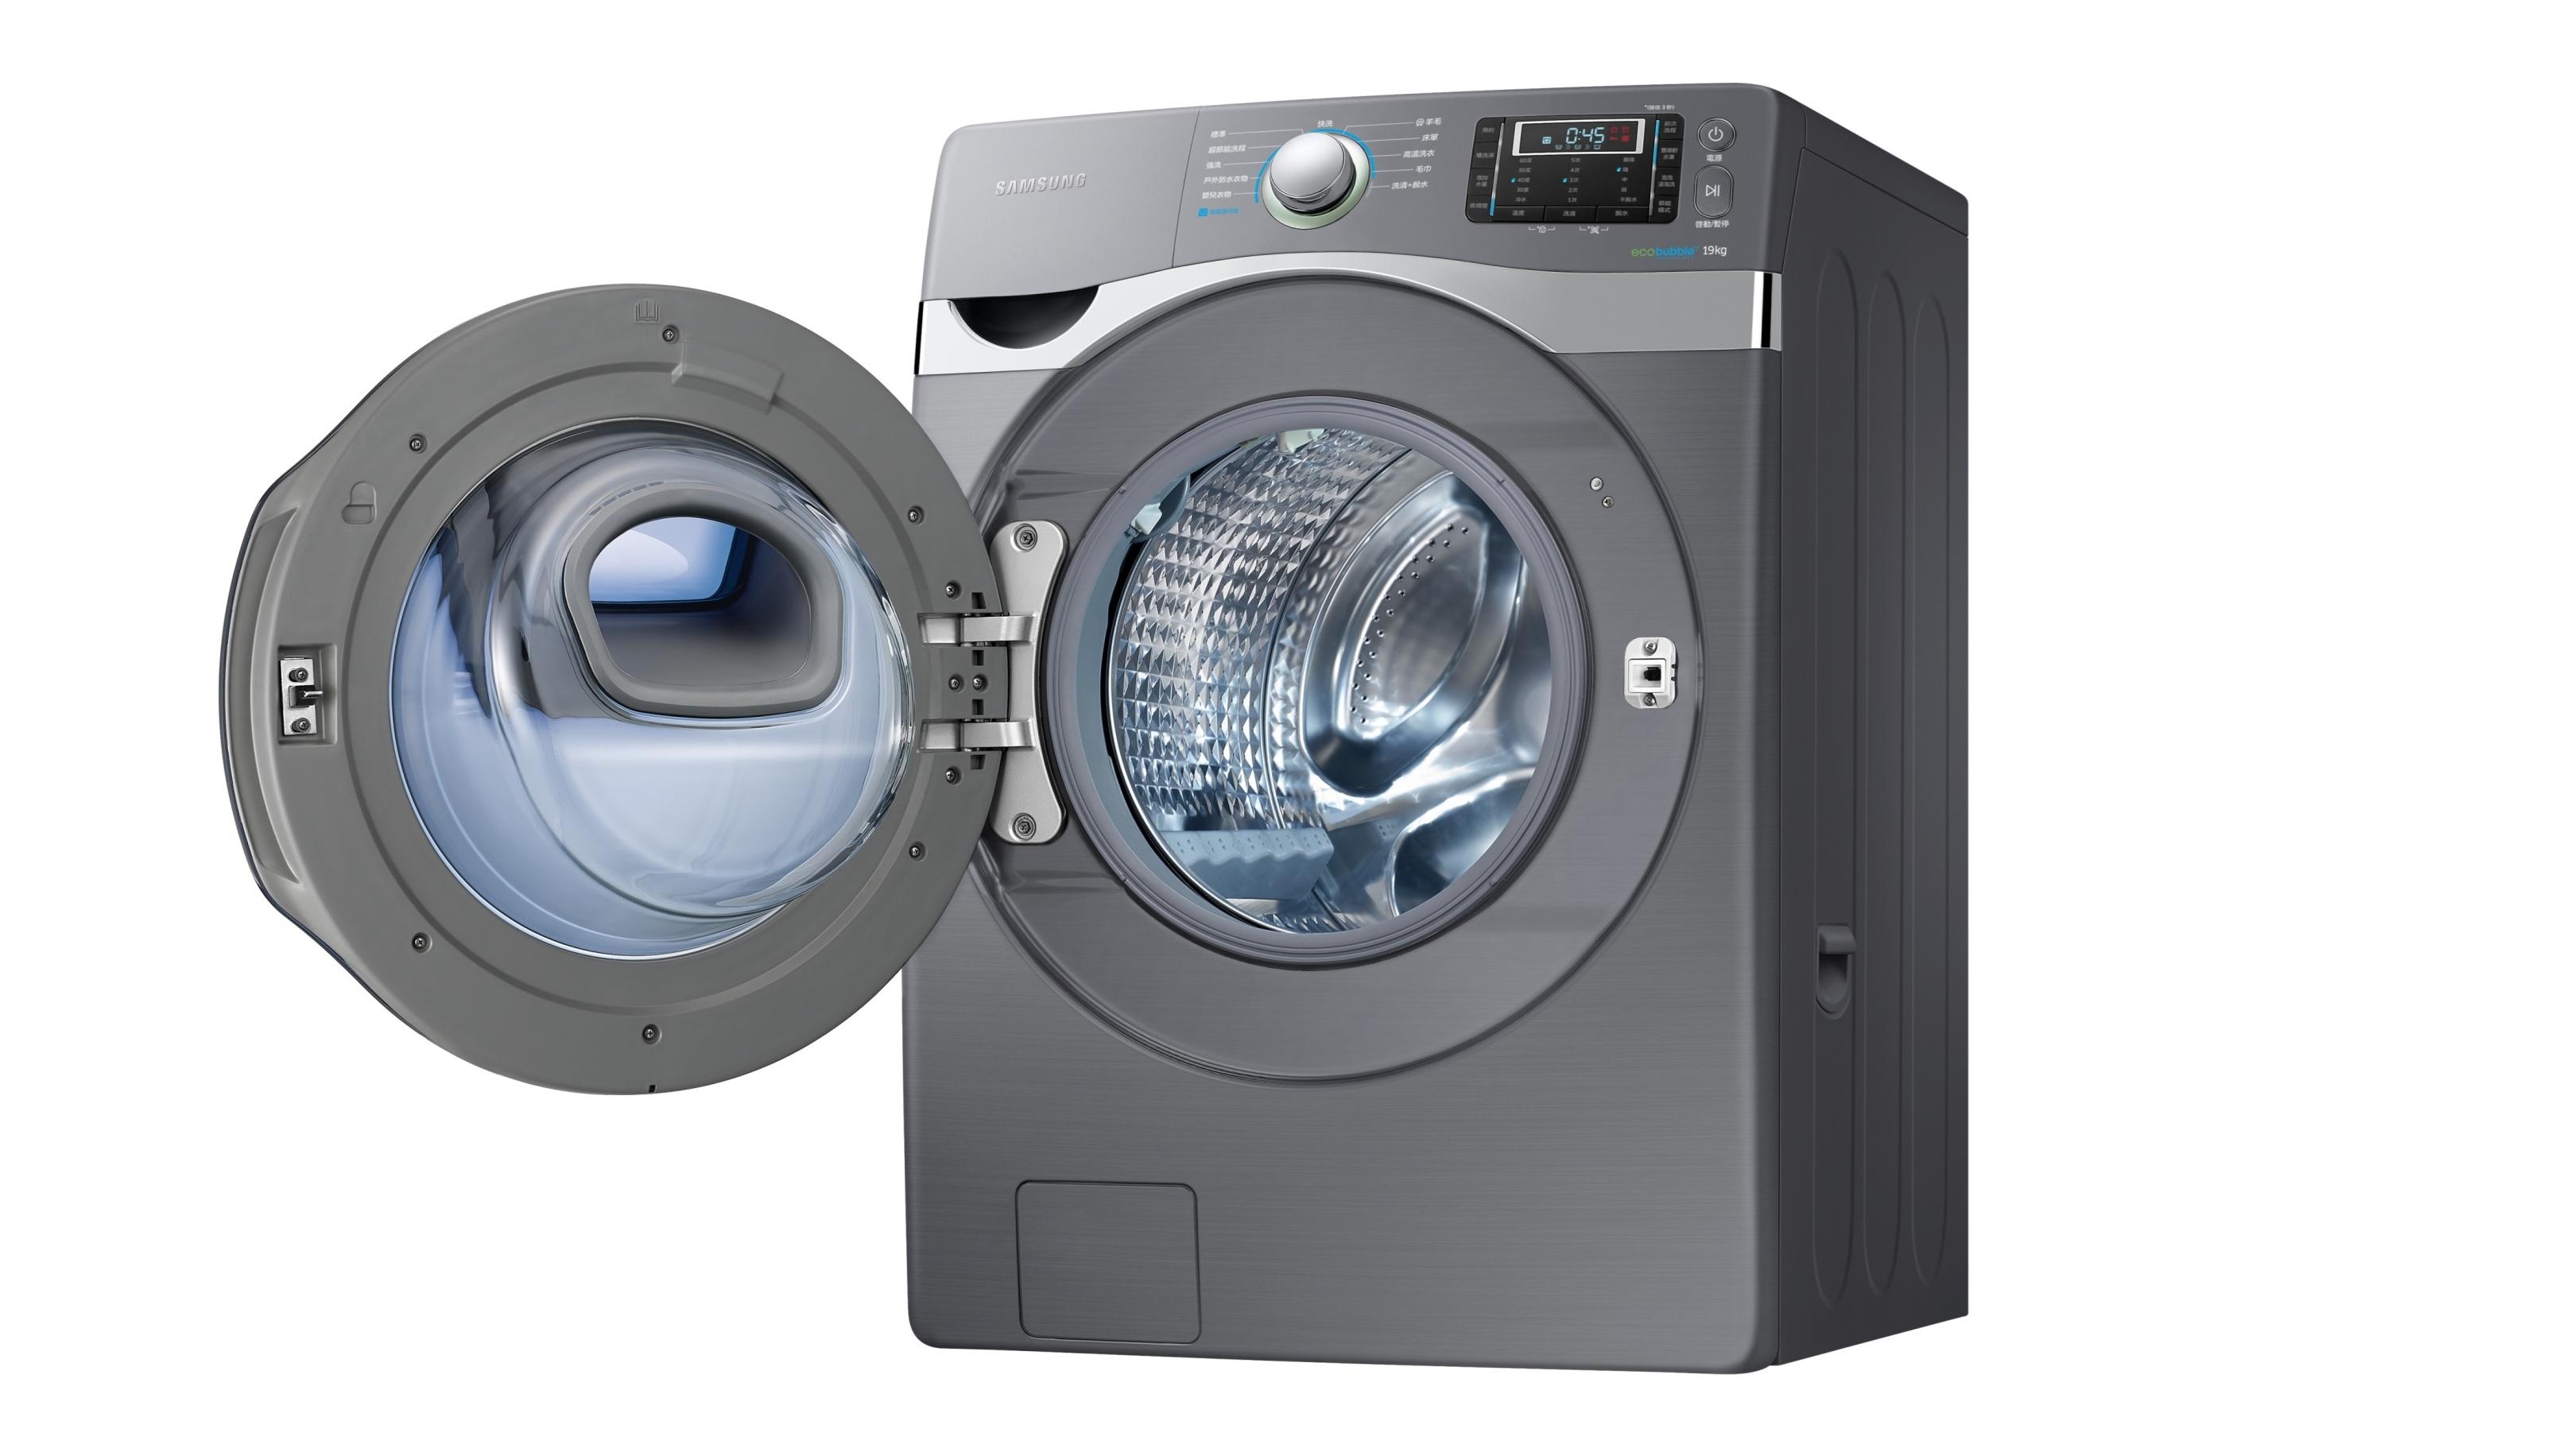 三星推 19KG 超大容量洗衣機,一次就能清洗一周衣物